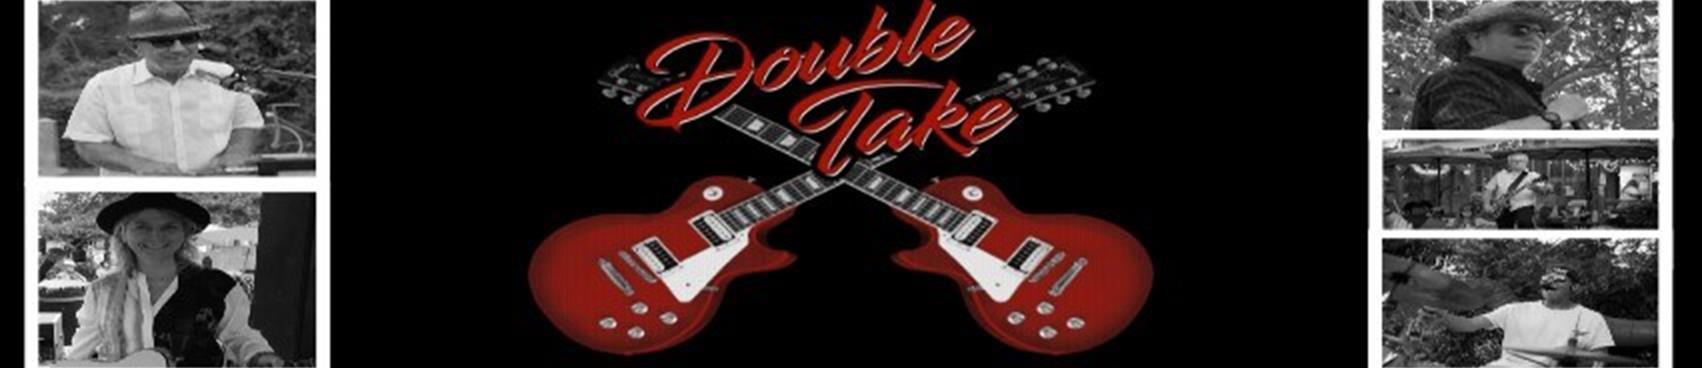 Helwig@Dusk presents Double Take